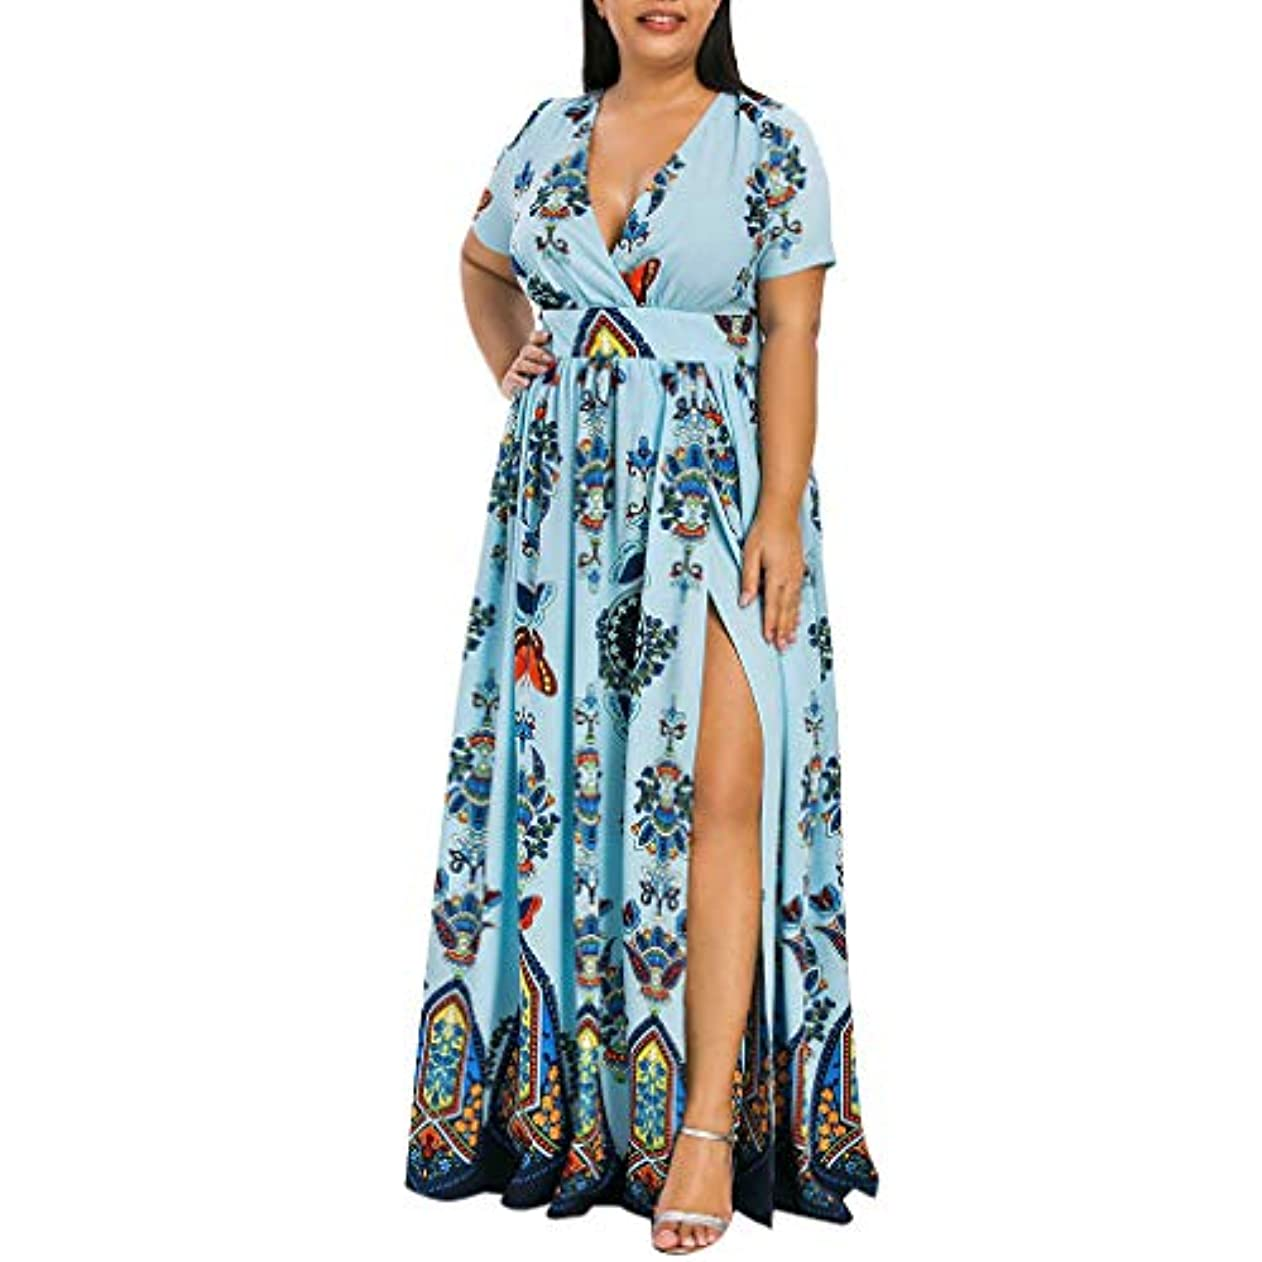 役職メンダシティランタンSakuraBest Women Butterfly Printed V-Neck Short Sleeve High Split Long Dress Plus Size